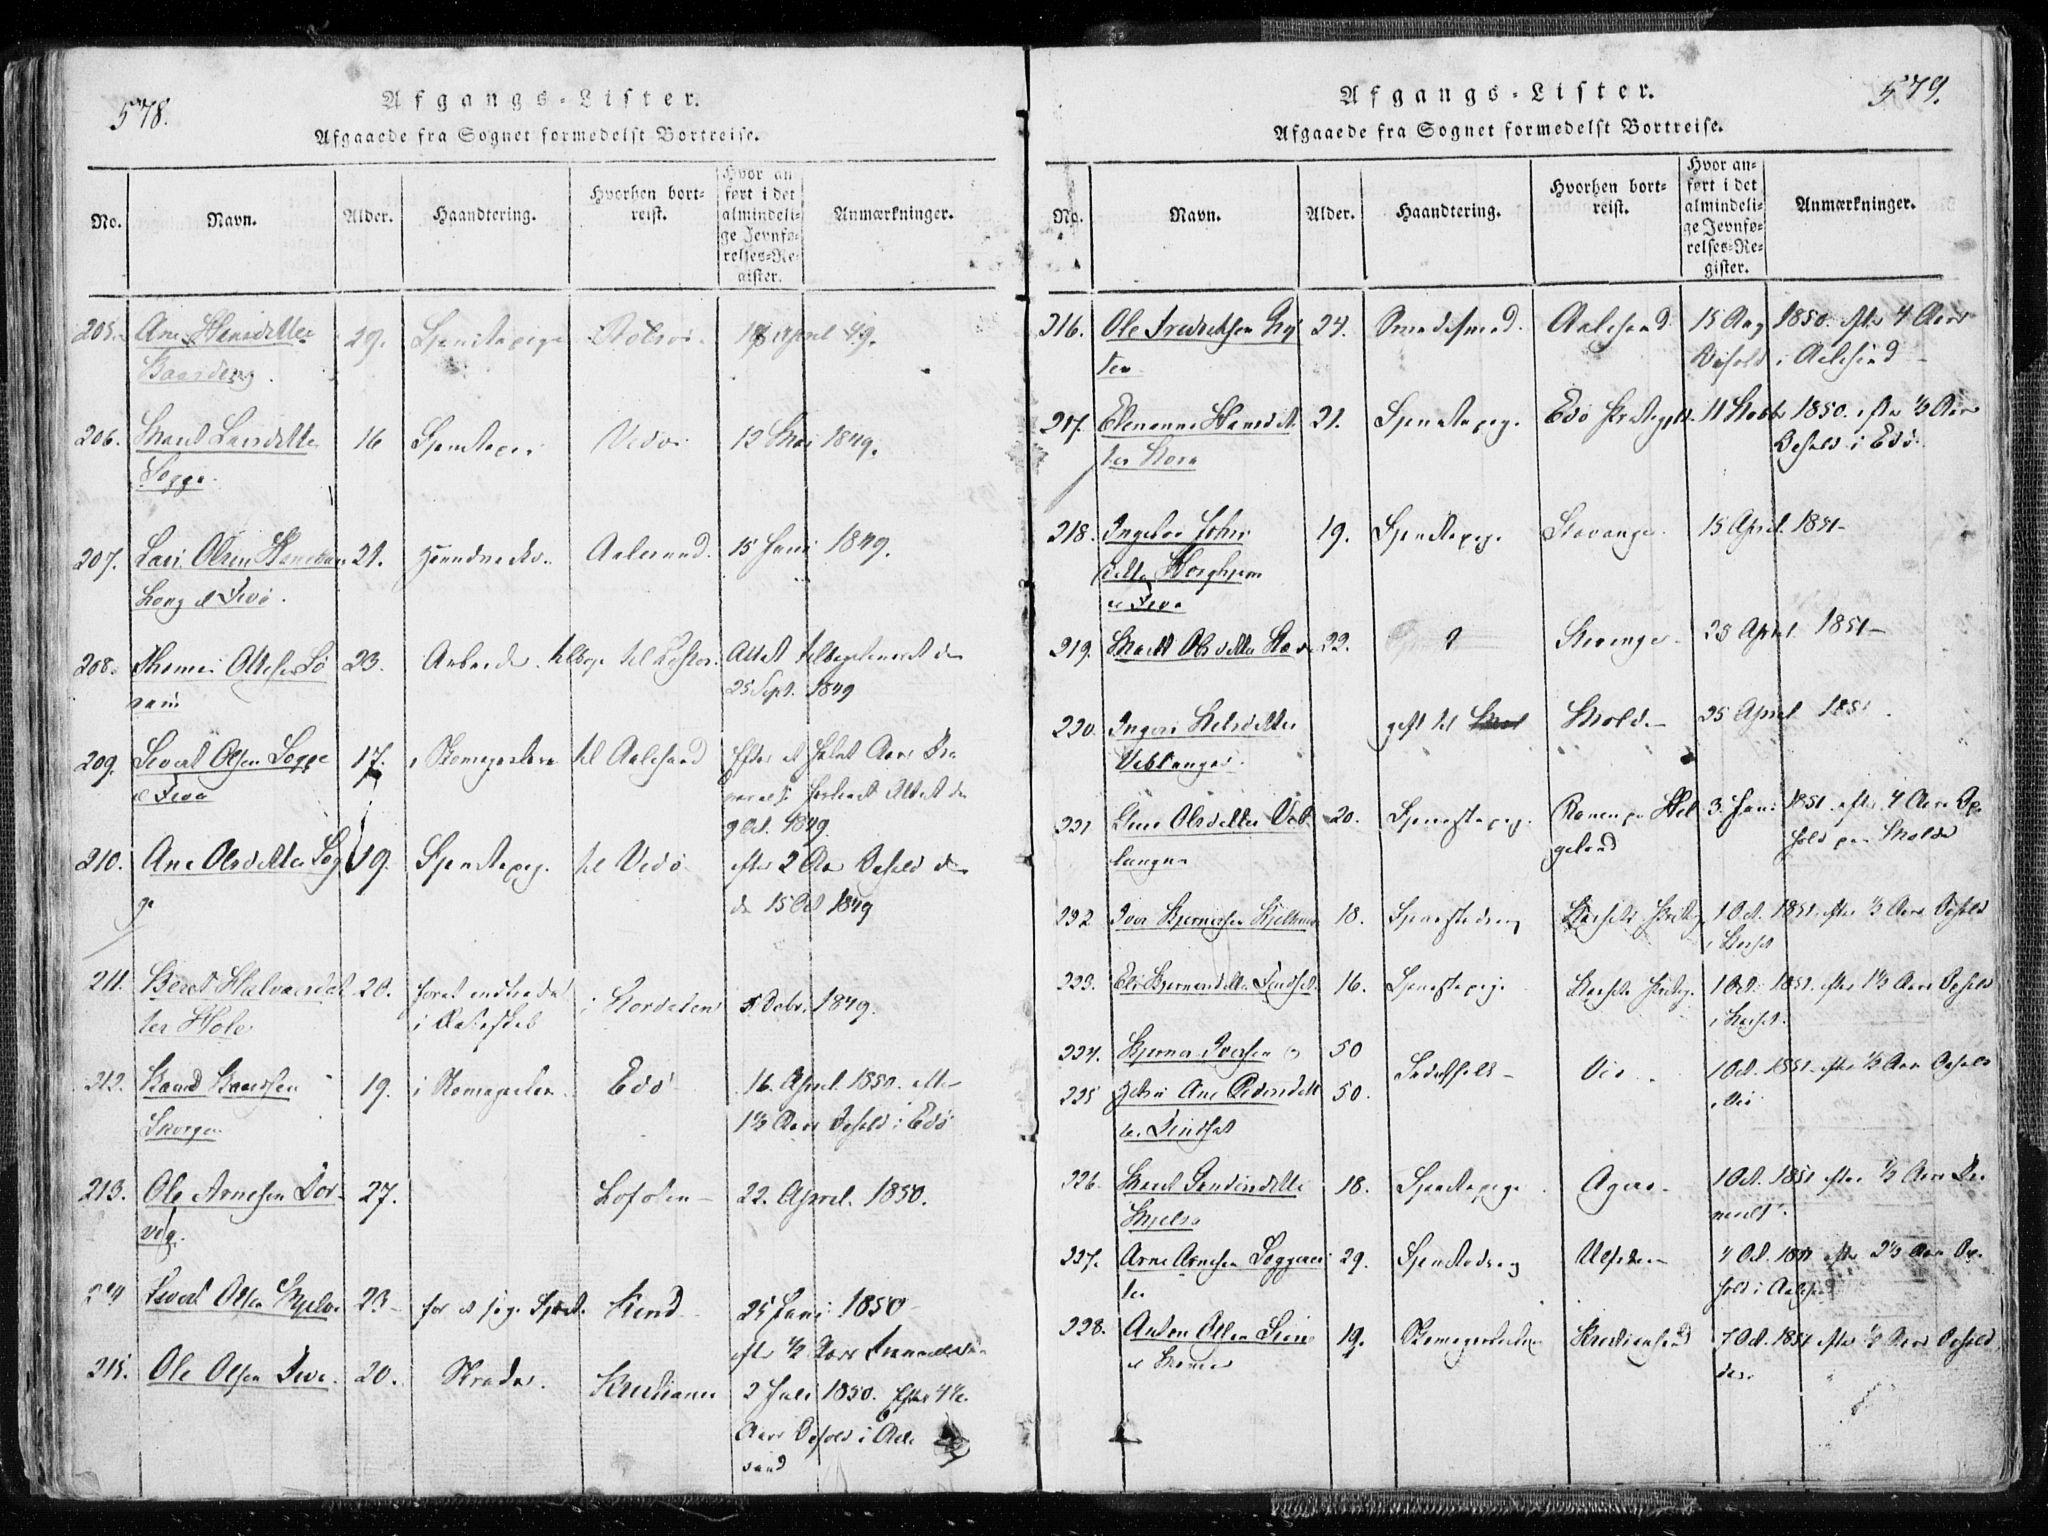 SAT, Ministerialprotokoller, klokkerbøker og fødselsregistre - Møre og Romsdal, 544/L0571: Ministerialbok nr. 544A04, 1818-1853, s. 578-579